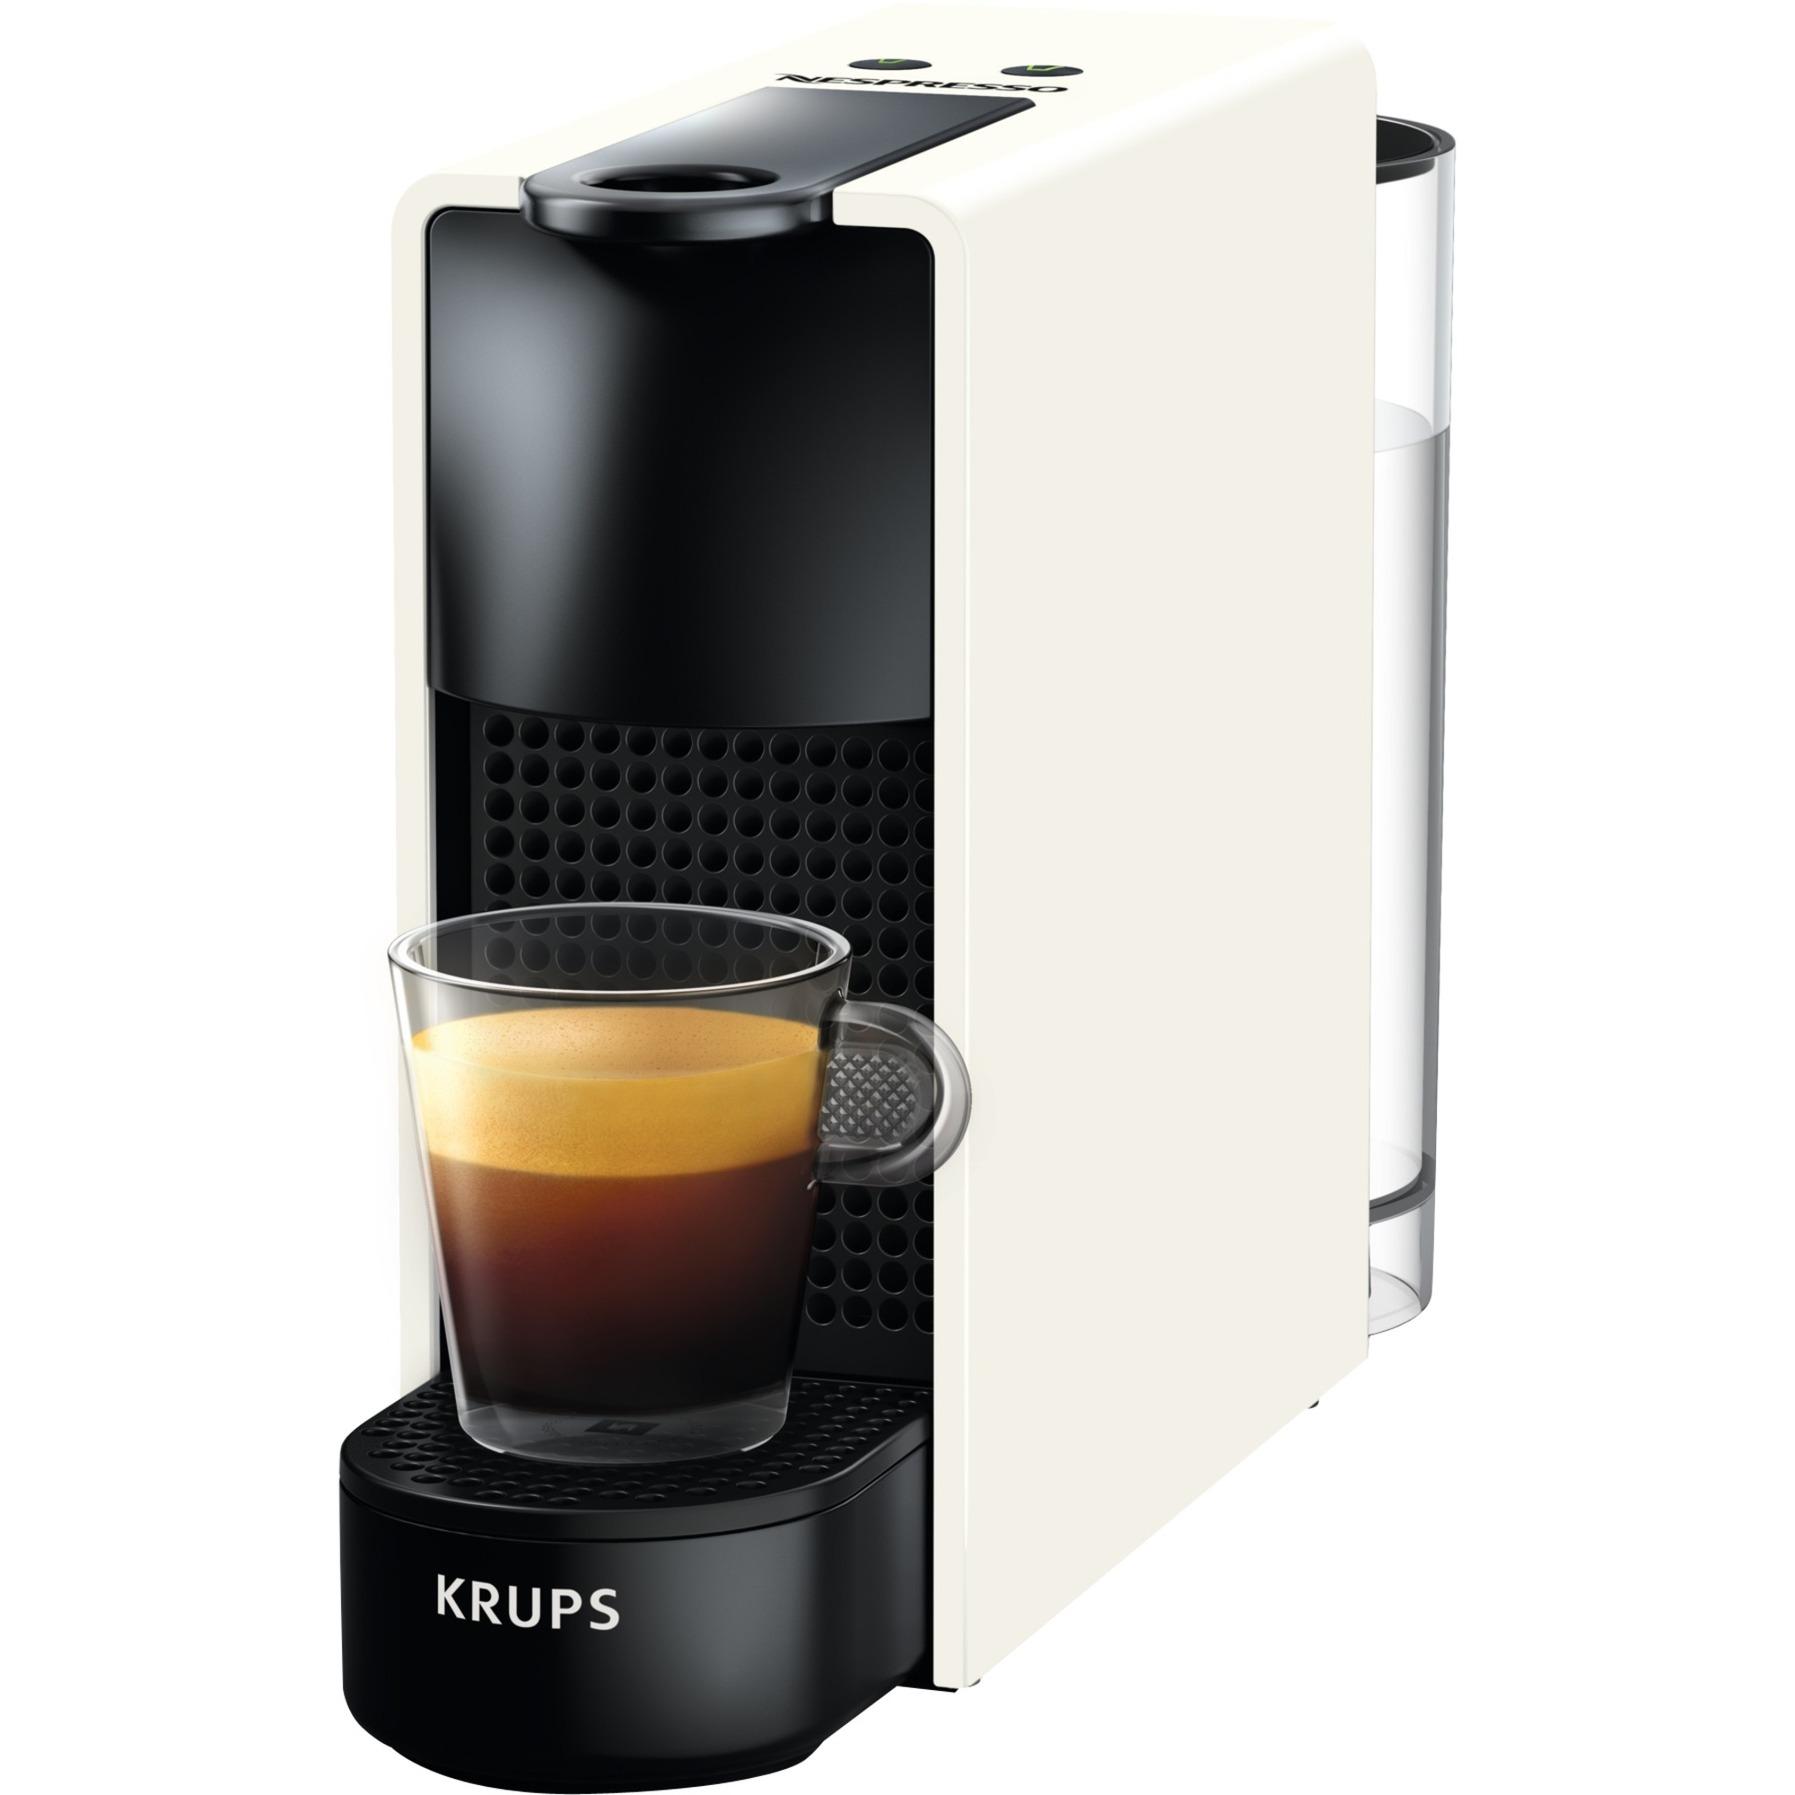 Essenza Mini XN110110 Independiente Manual Máquina de café en cápsulas 0.6L 1tazas Negro, Blanco, Cafetera de cápsulas